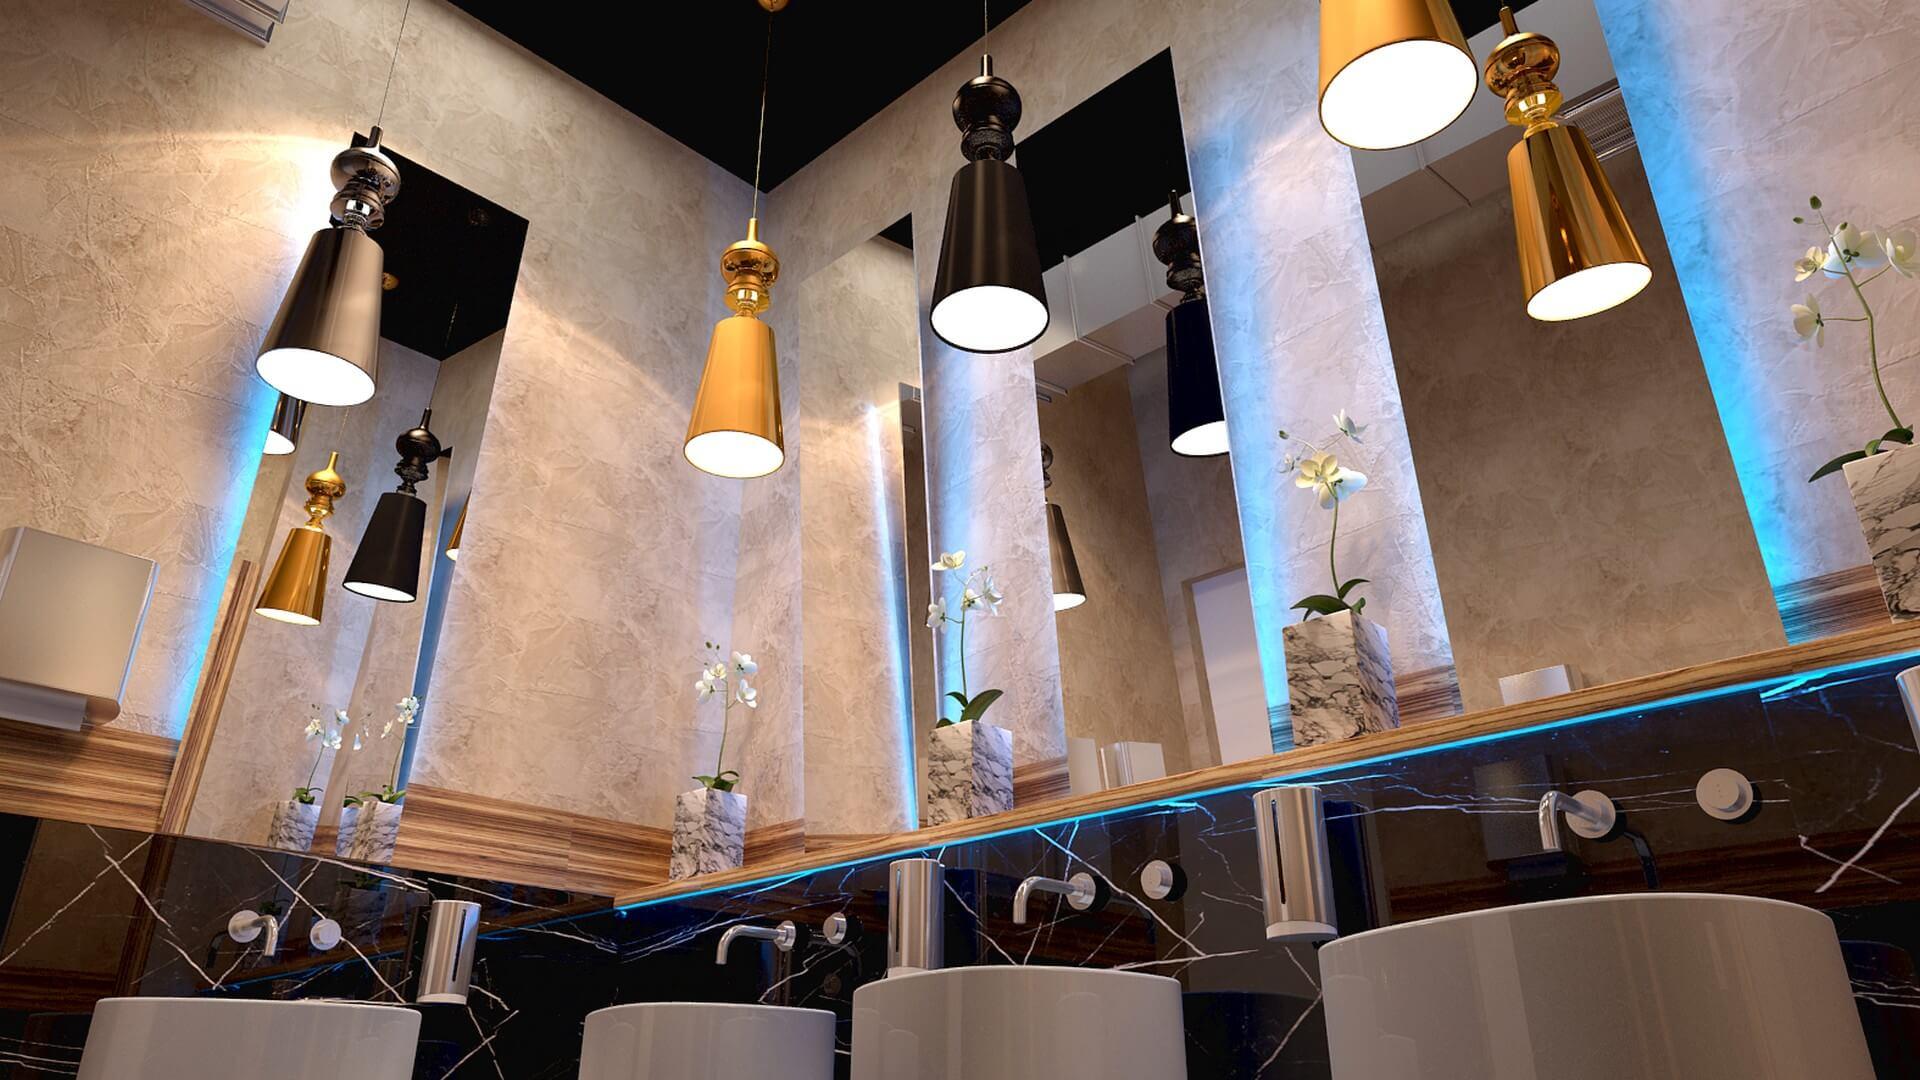 Iskenderun Restaurant, Restaurants